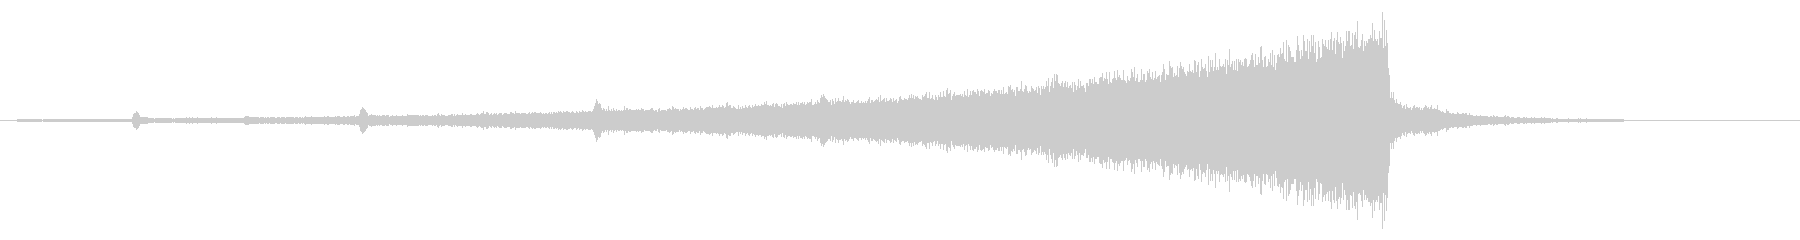 ホラー系アタック音54の未再生の波形